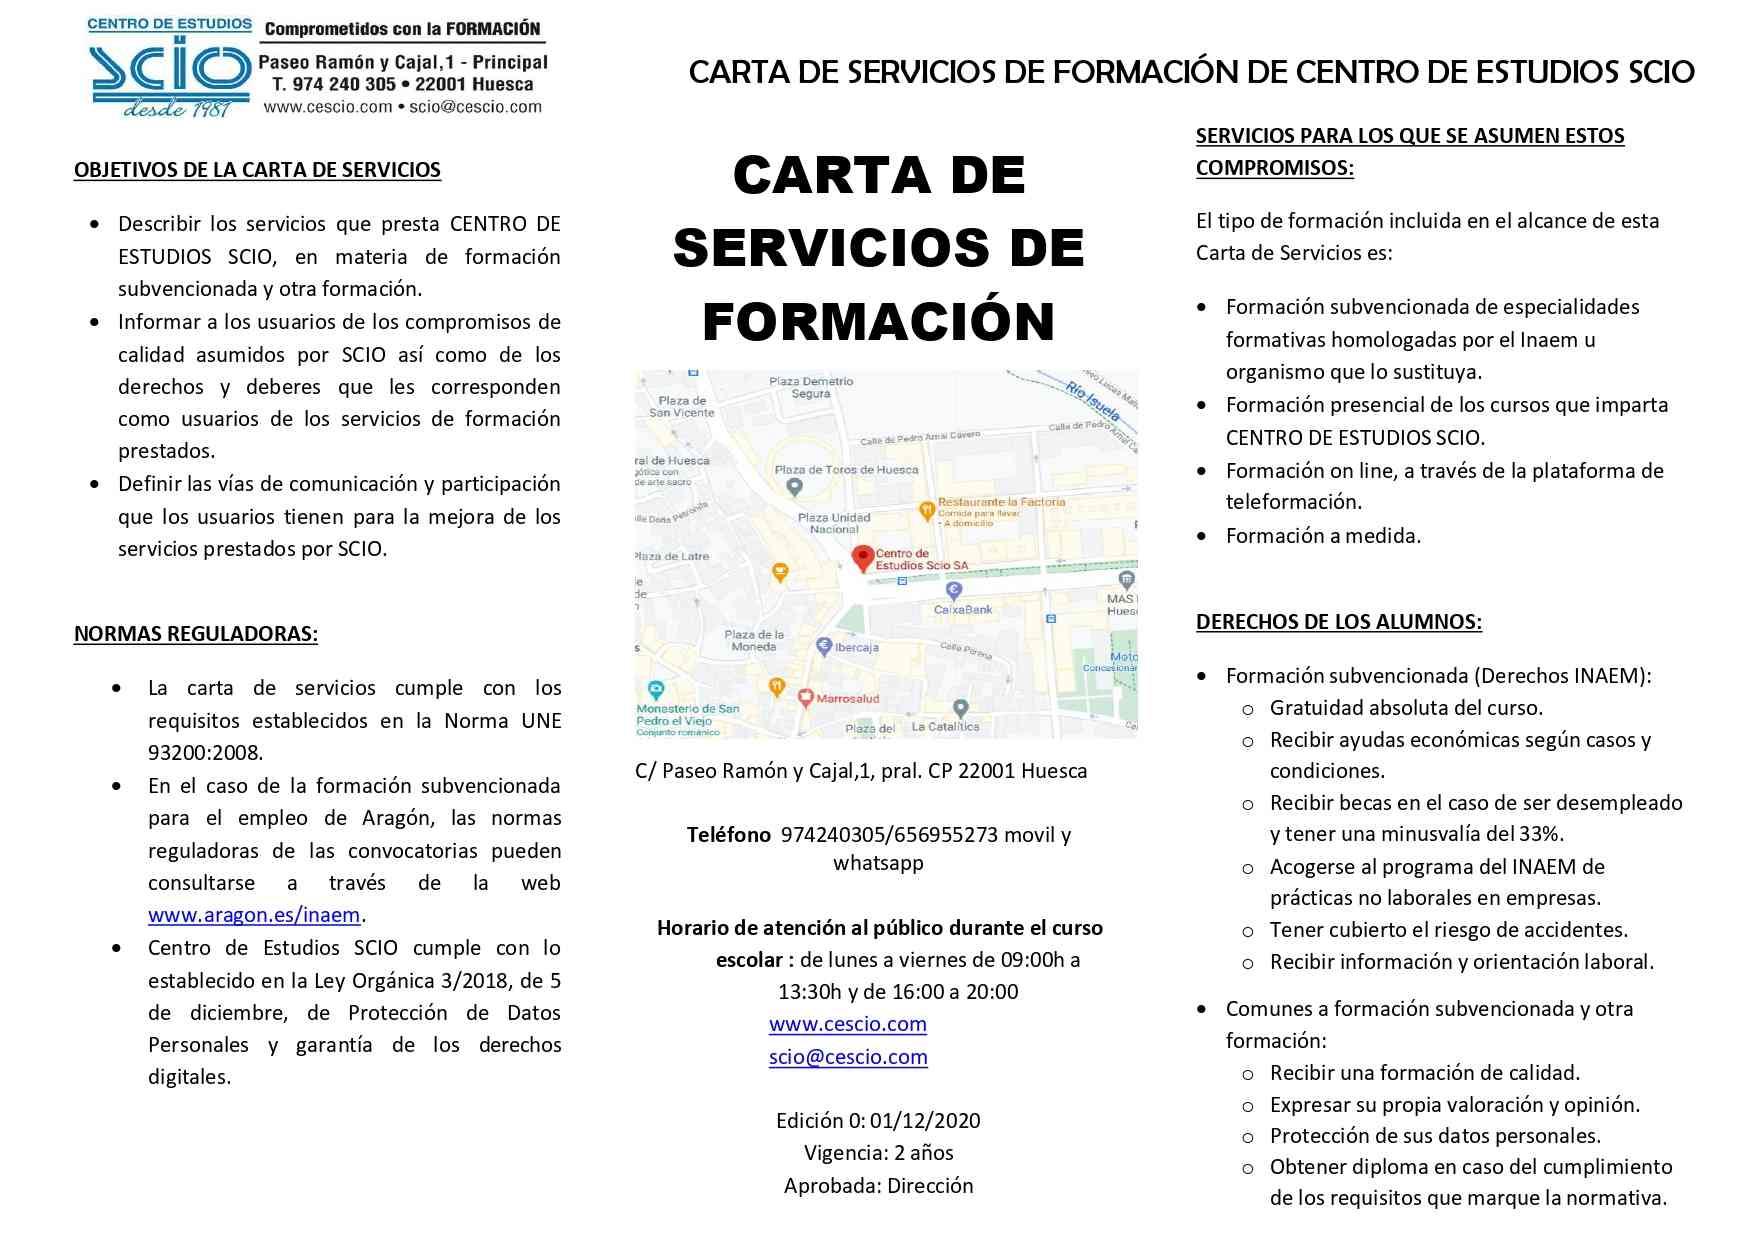 CARTA DE SERVICIOS FORMACION SCIO 0001